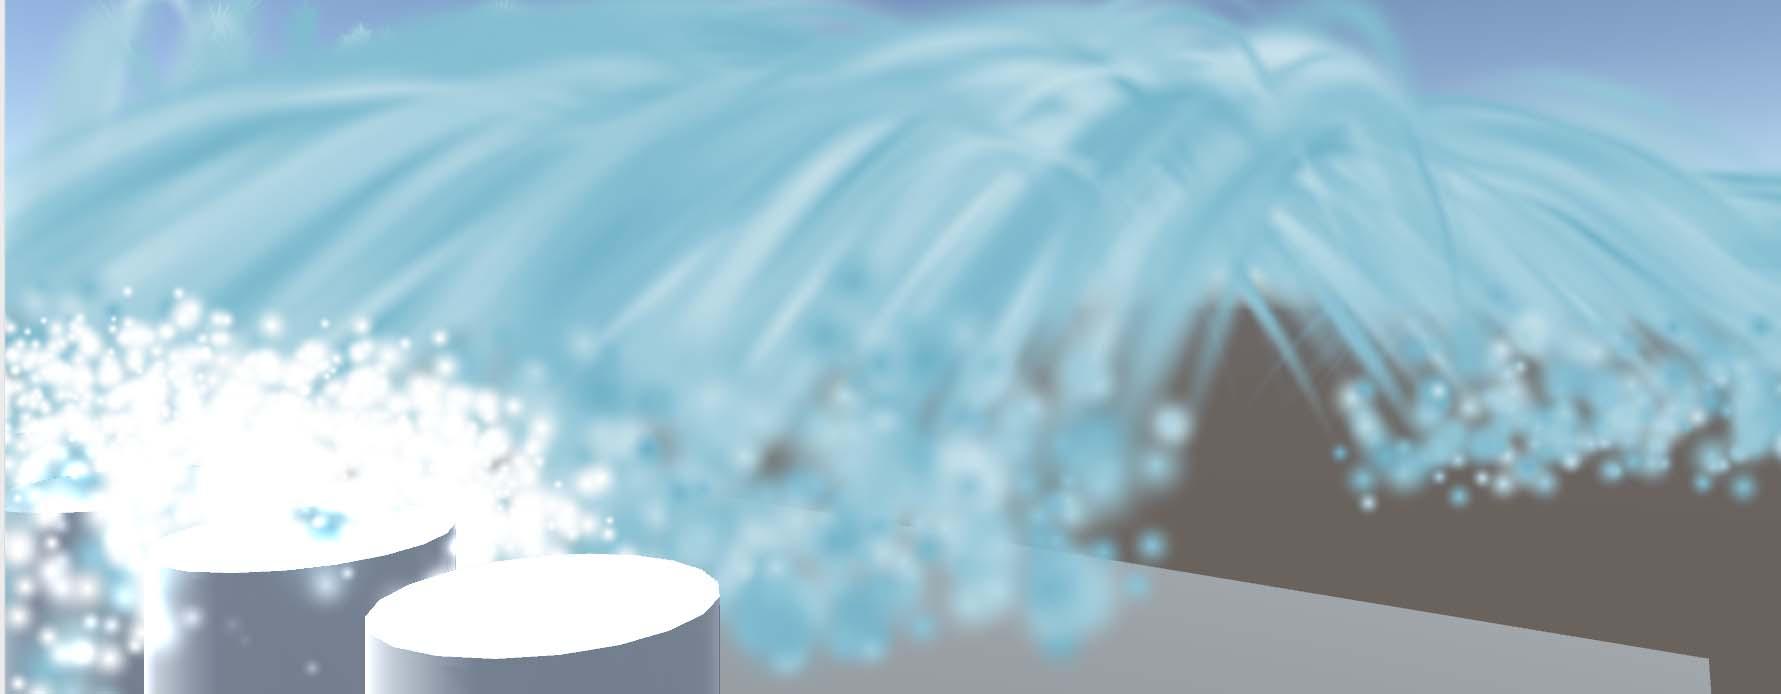 Unityのパーティクルシステムで波のエフェクトを作る